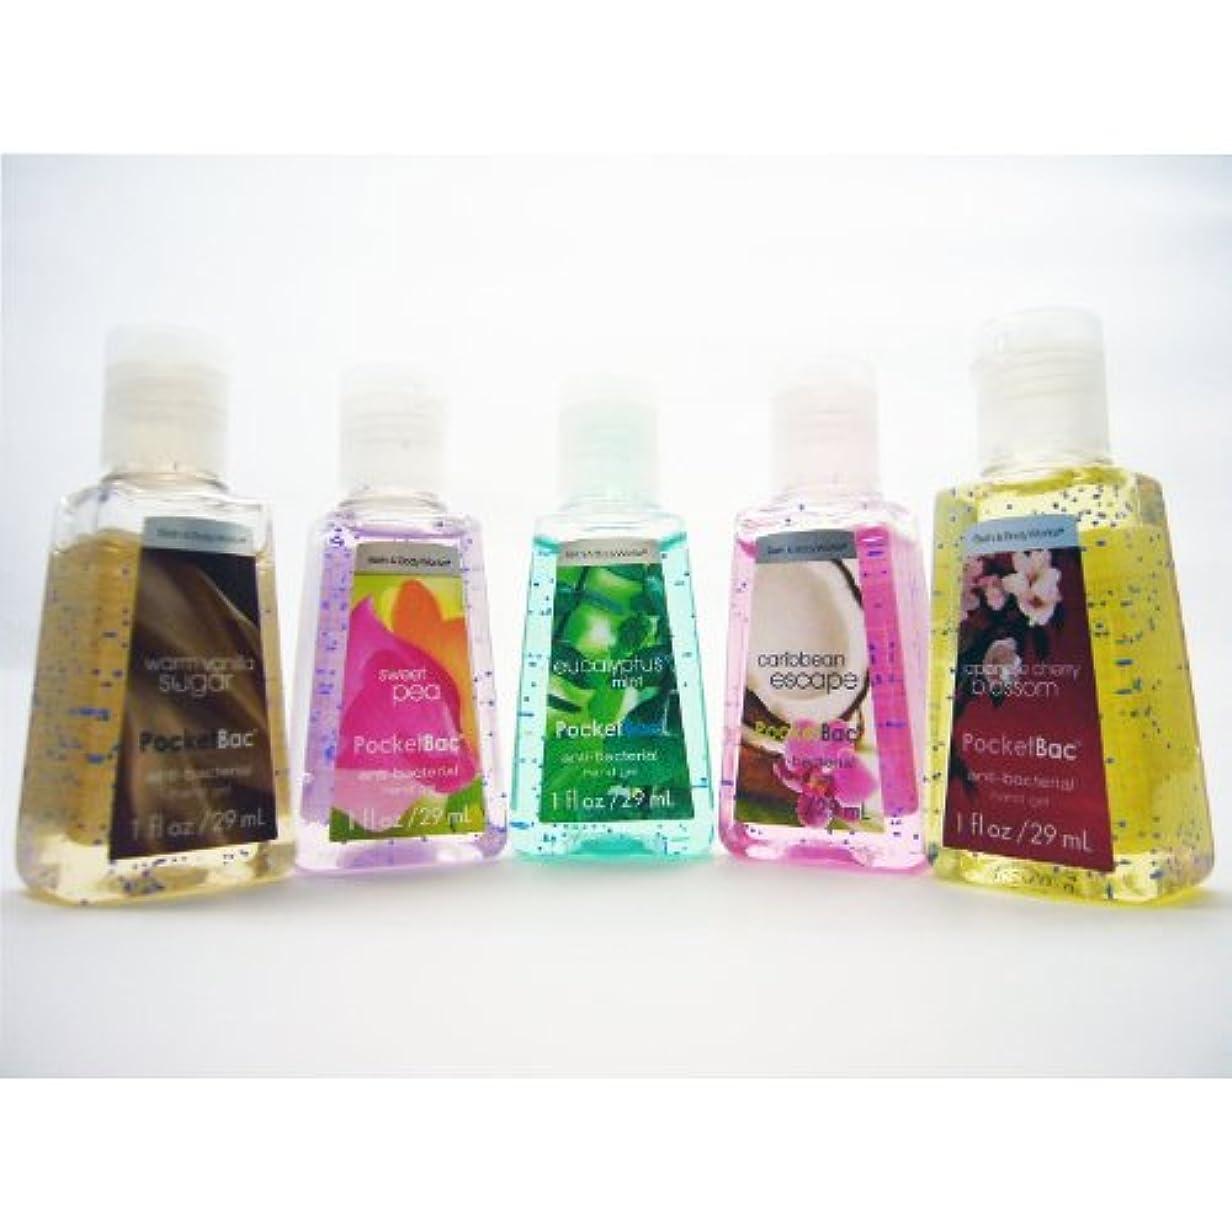 スムーズに感心するホスト水の使えないところで手を洗える消毒ジェル Bath & Body Worksアンチバクテリアハンドジェルとホルダー1個付(並行輸入品)